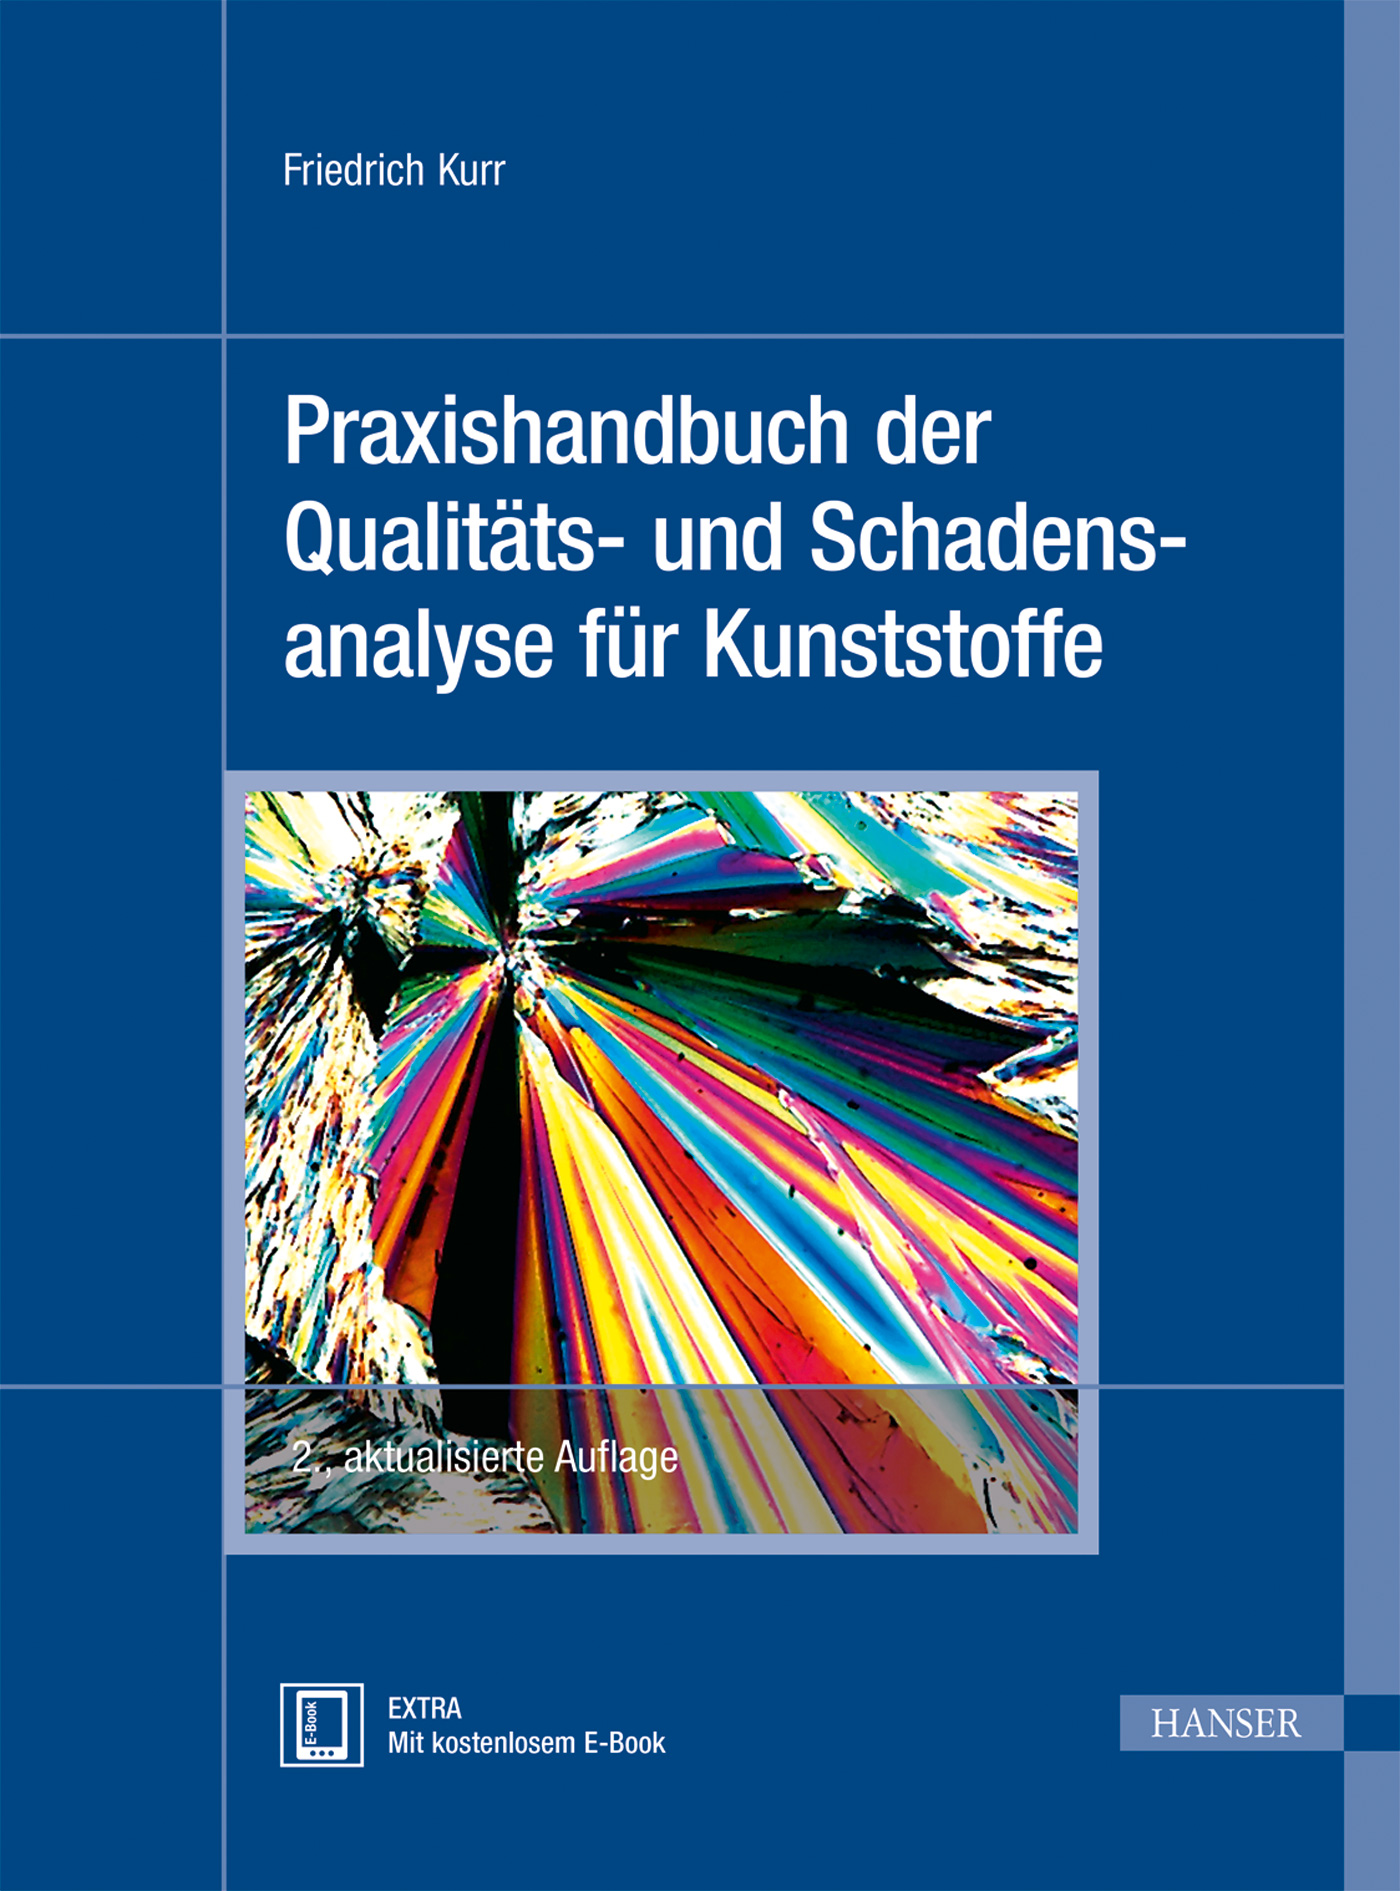 Kurr, Praxishandbuch der Qualitäts- und Schadensanalyse für Kunststoffe, 978-3-446-43775-3